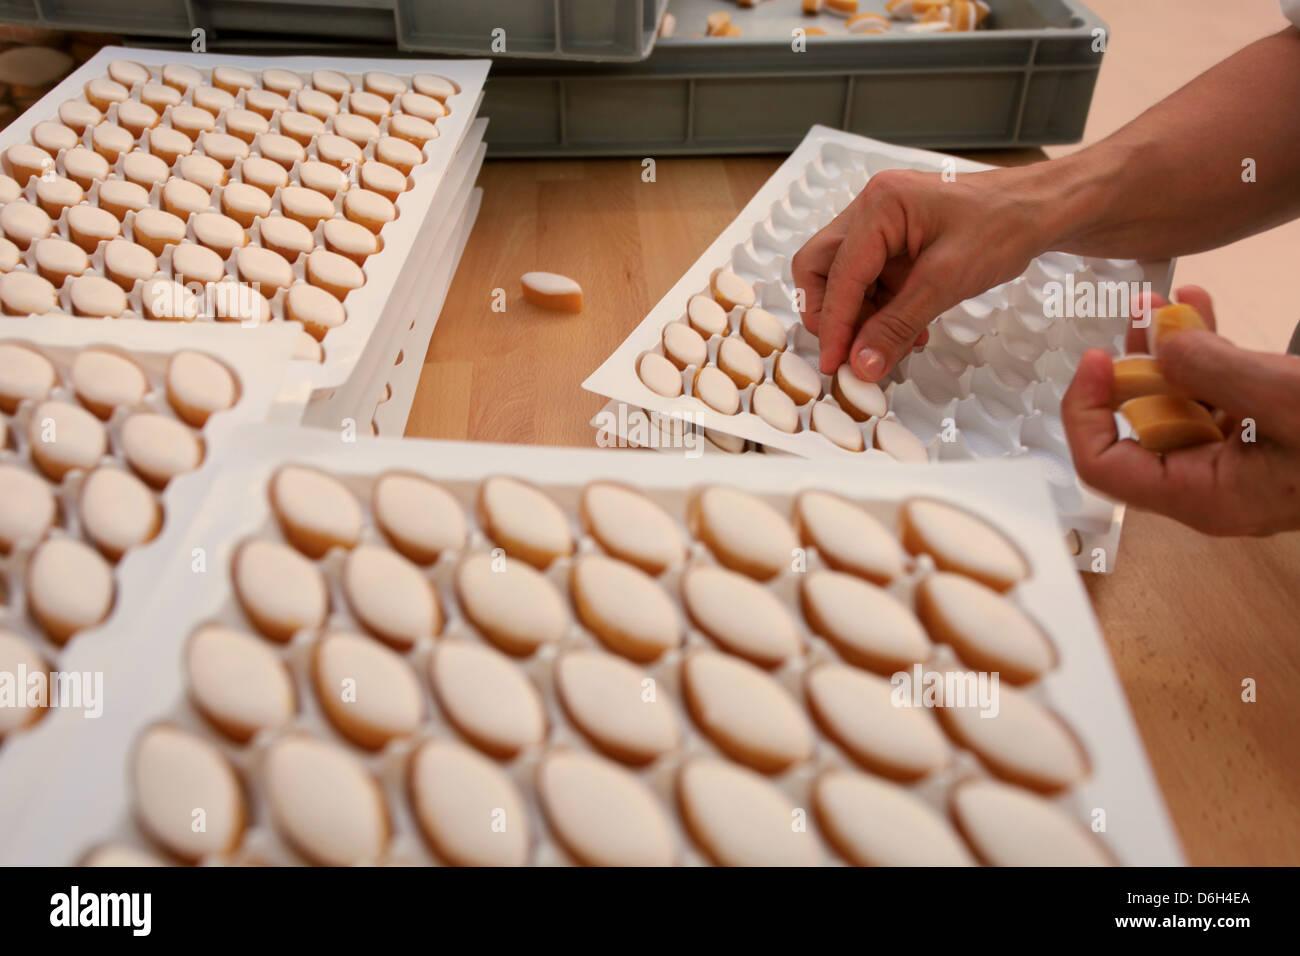 Los Calissons fabricación en Aix en Provence, Bouches du Rhône, 13, tepezcuintle, Francia Imagen De Stock